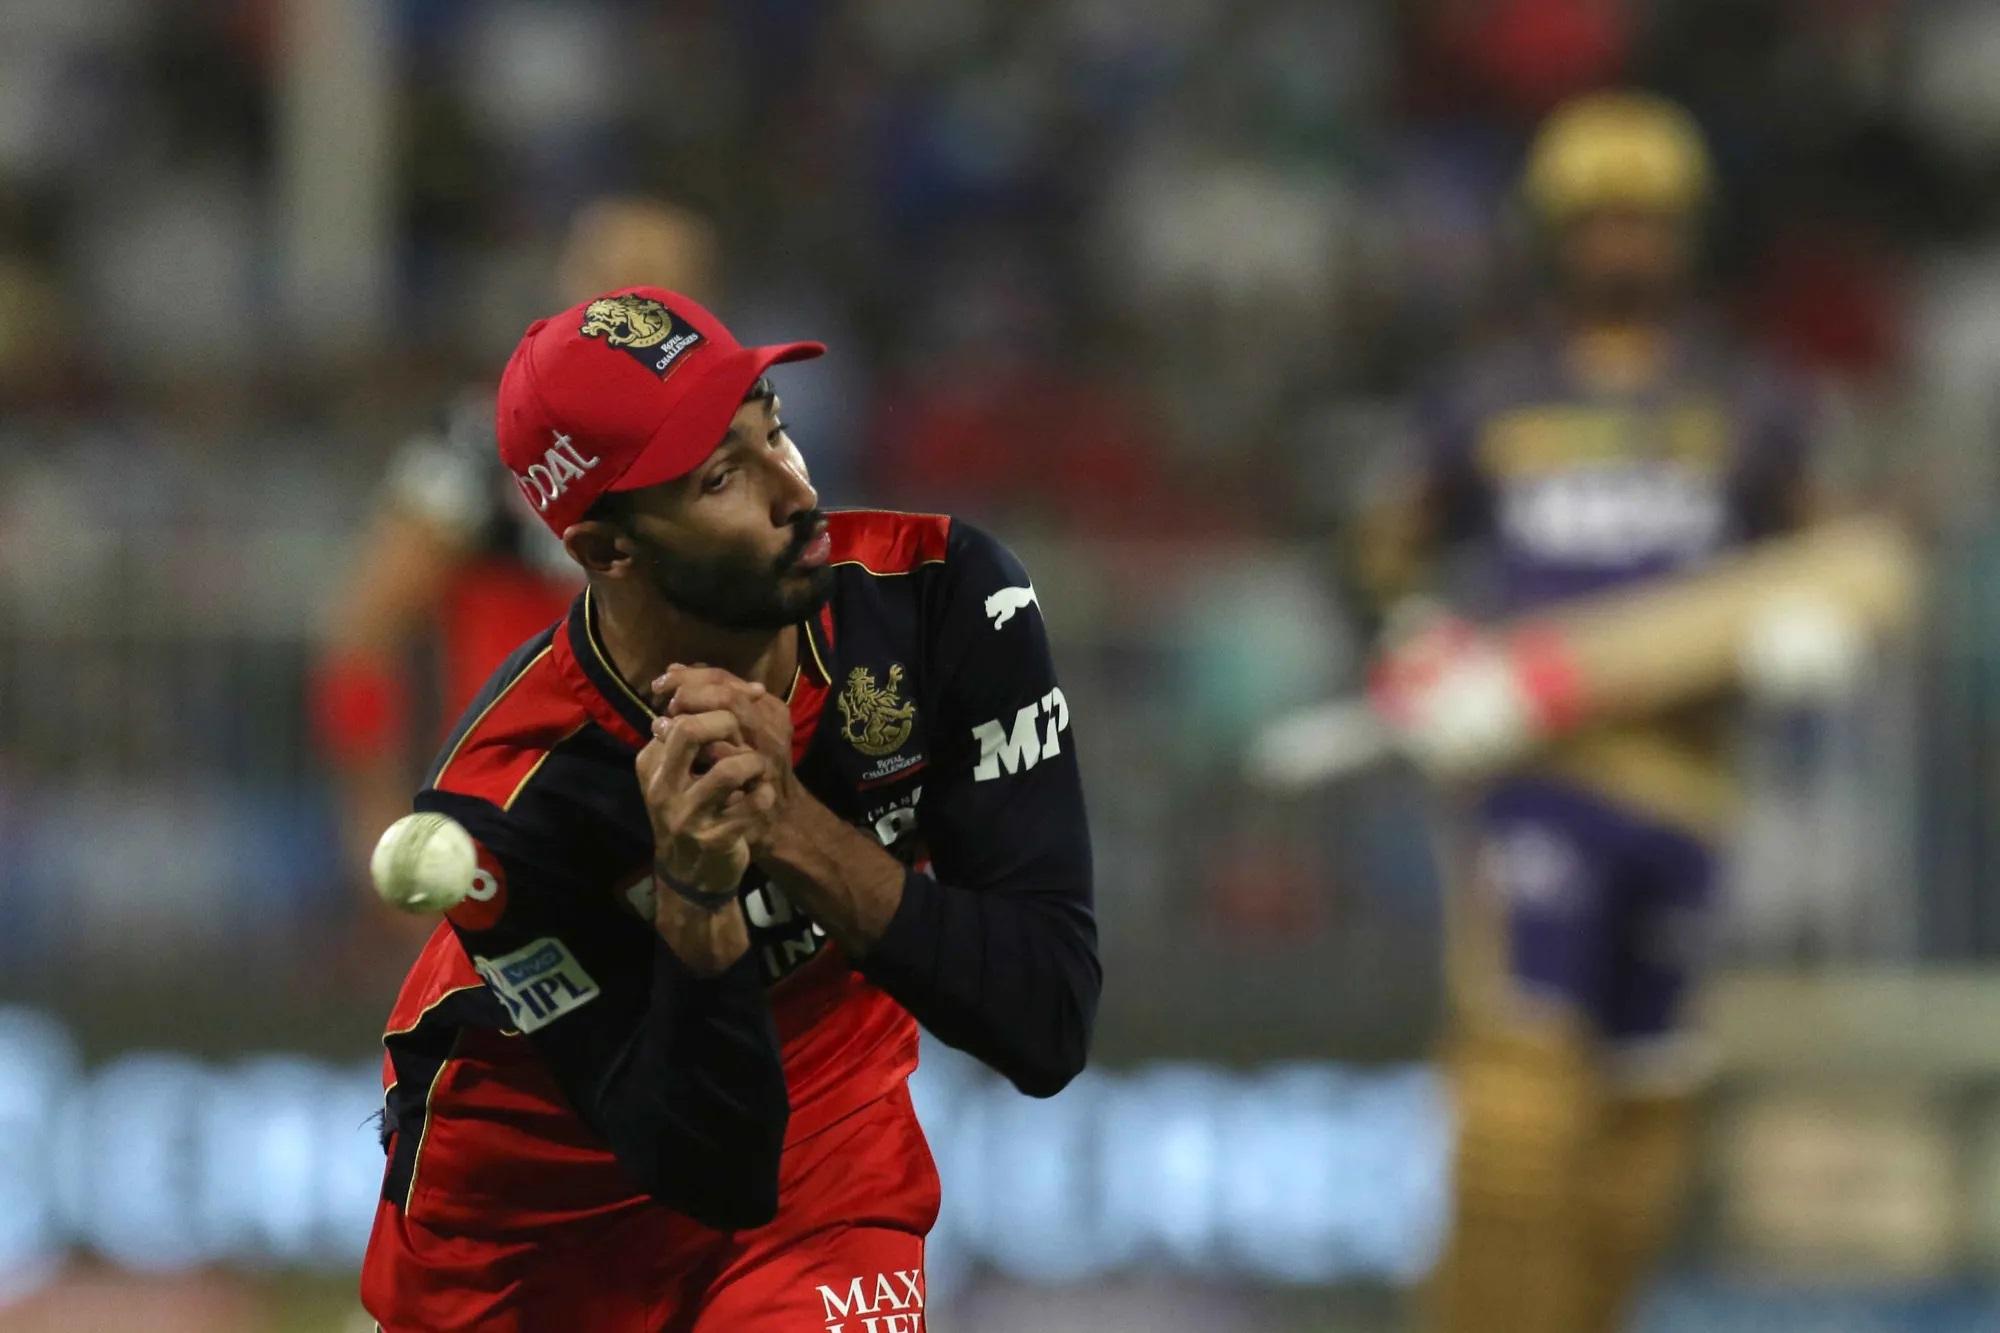 'बटर फिंगर्स' अकेले शाहबाज की नहीं, देवदत्त पडिक्कल की भी रहीं। 17वें ओवर की पहली गेंद थी। बेंगलुरु के मुंह से मैच छीनते सुनील नरेन का एक आसान सा कैच उठा। कोहली को लगा कि ये कैच तो पडिक्कल लपक ही लेंगे। लेकिन पडिक्कल ऐसा न कर सके।